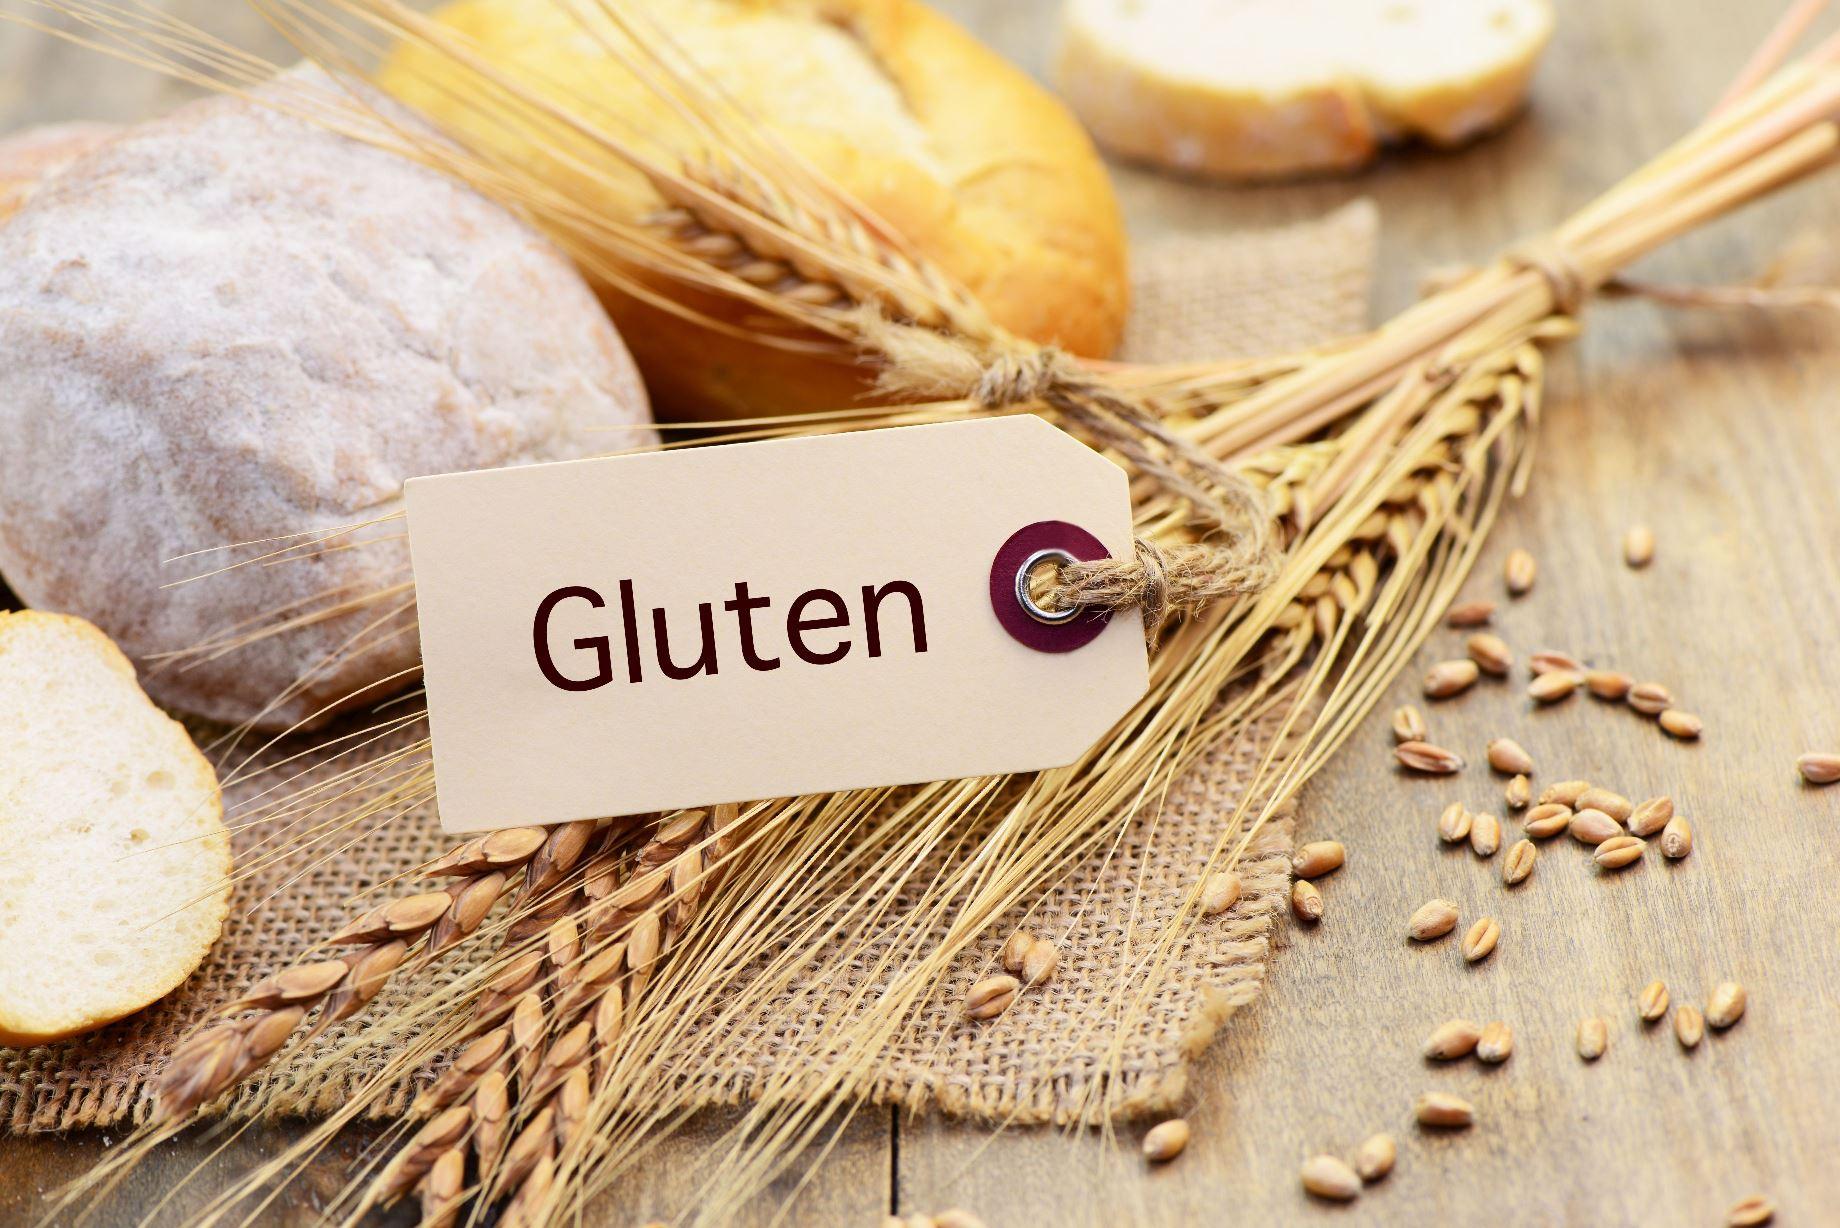 Gluten – przyjaciel czy wróg? Sprawdzamy, czy dieta bezglutenowa jest zdrowa